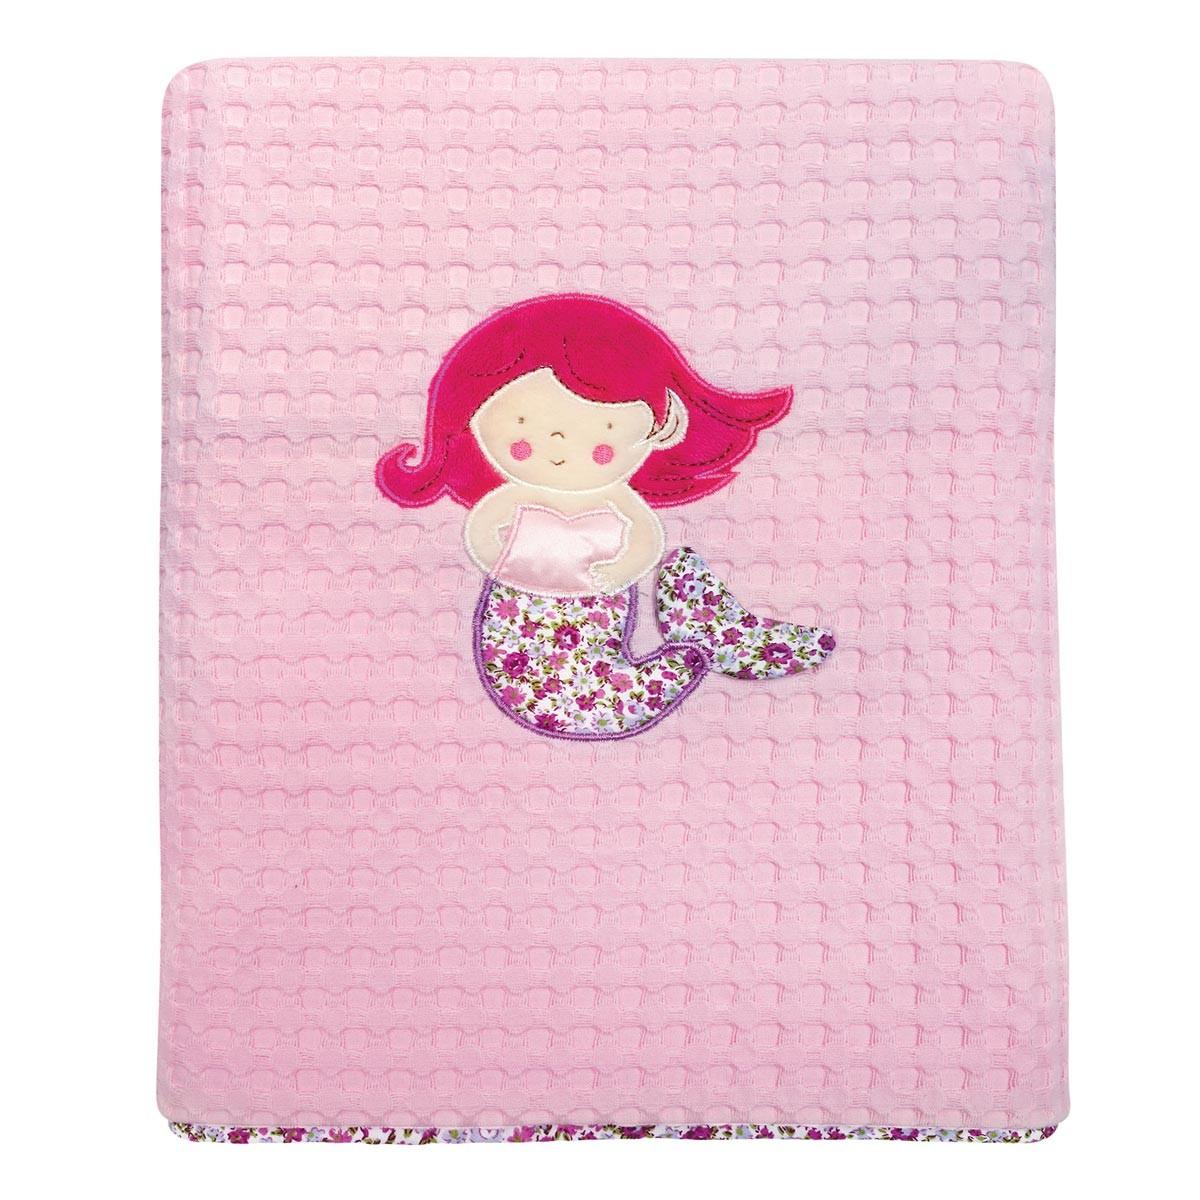 Κουβέρτα Πικέ Αγκαλιάς Das Home Dream Embroidery 6395